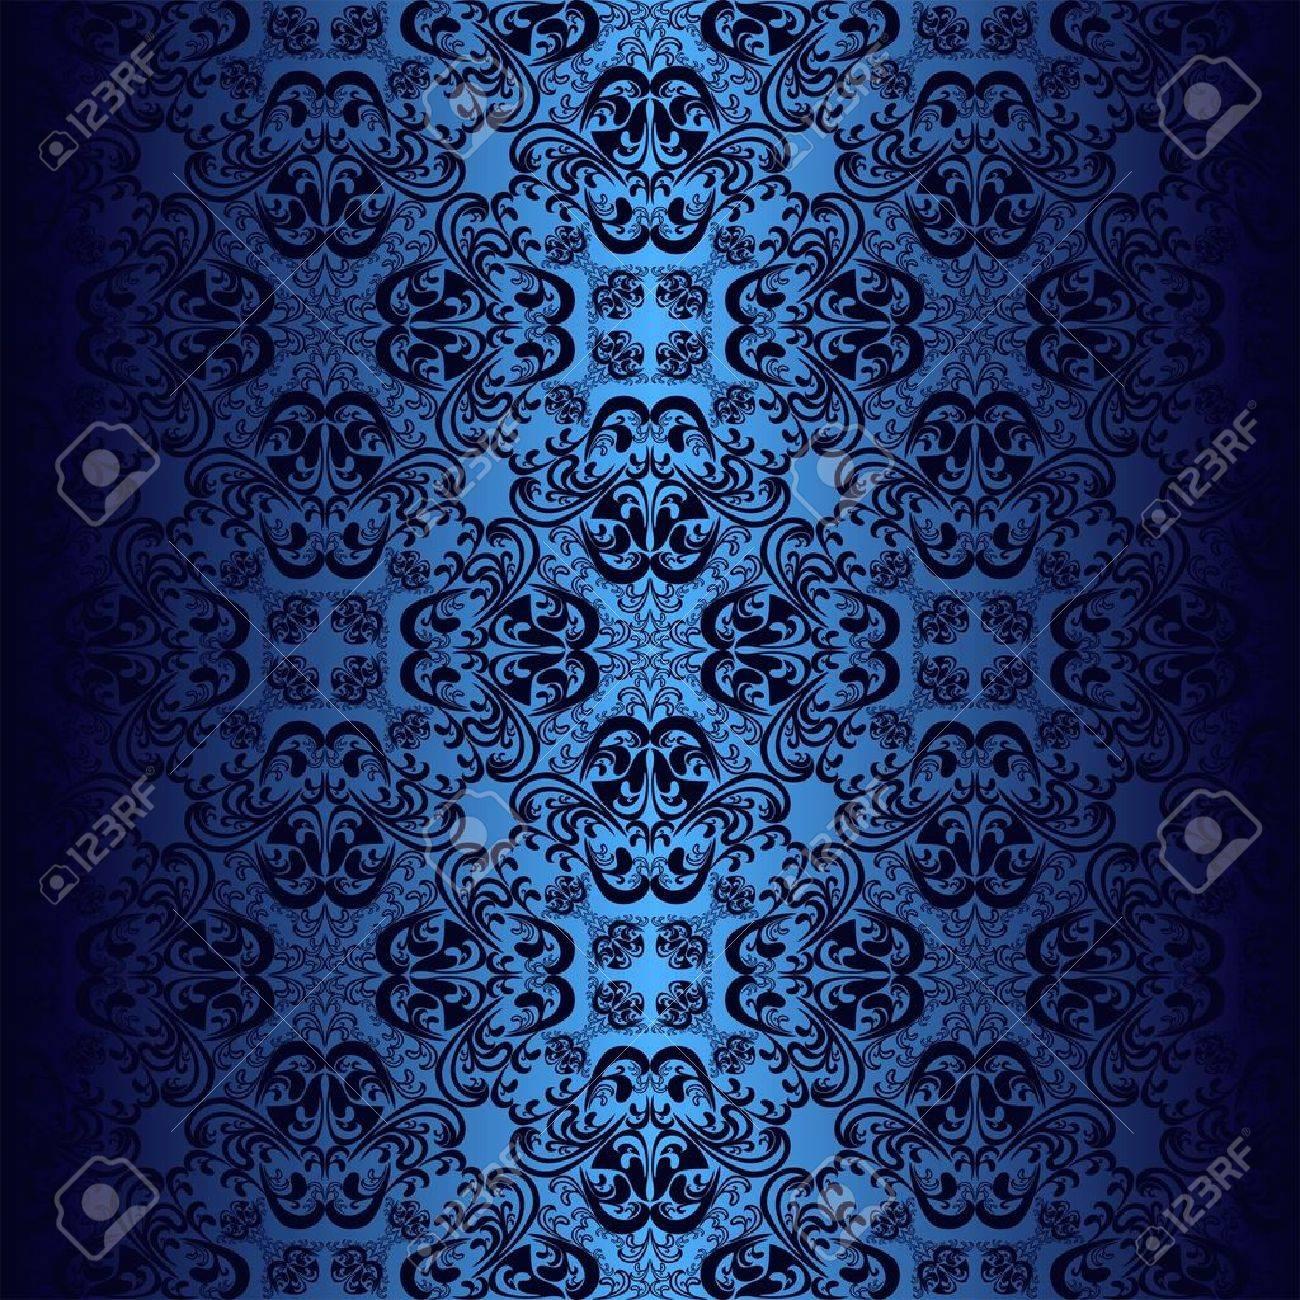 Seamless dark blue wallpaper. - 16662168